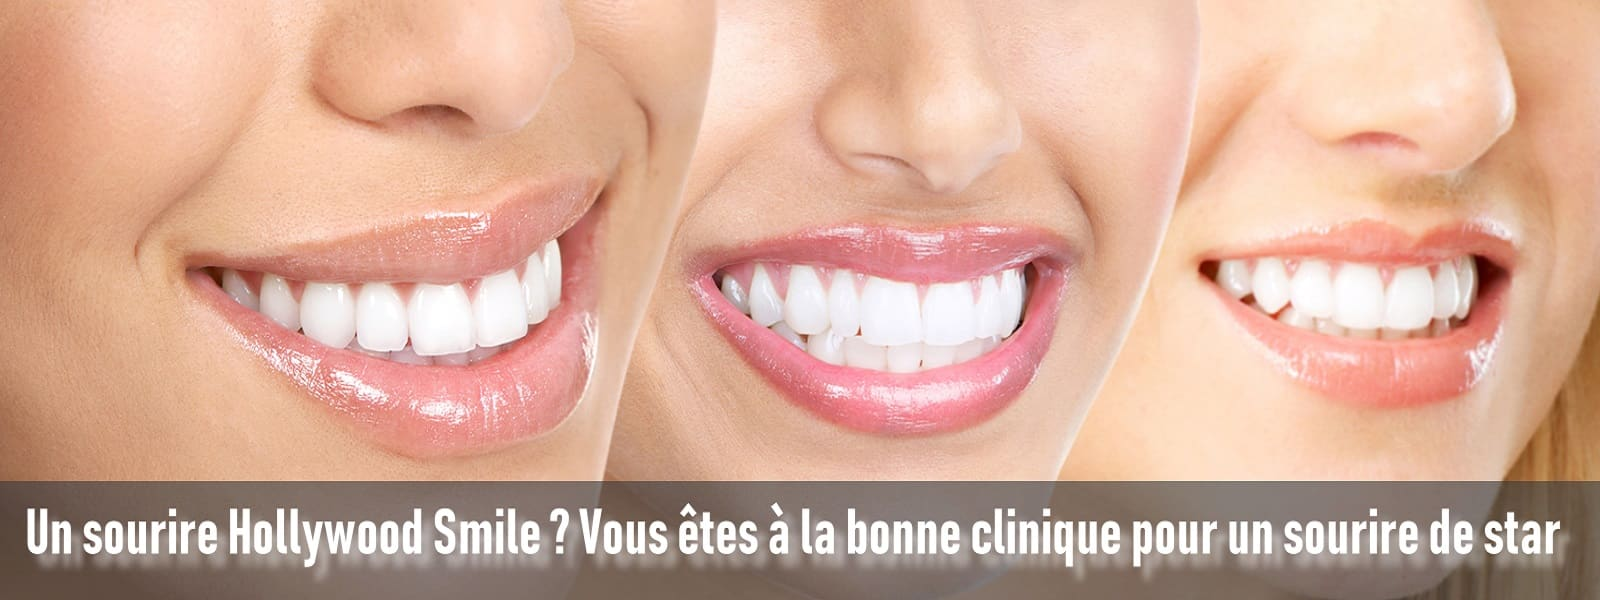 facette-dentaire-au-meilleur-prix Tanger Maroc